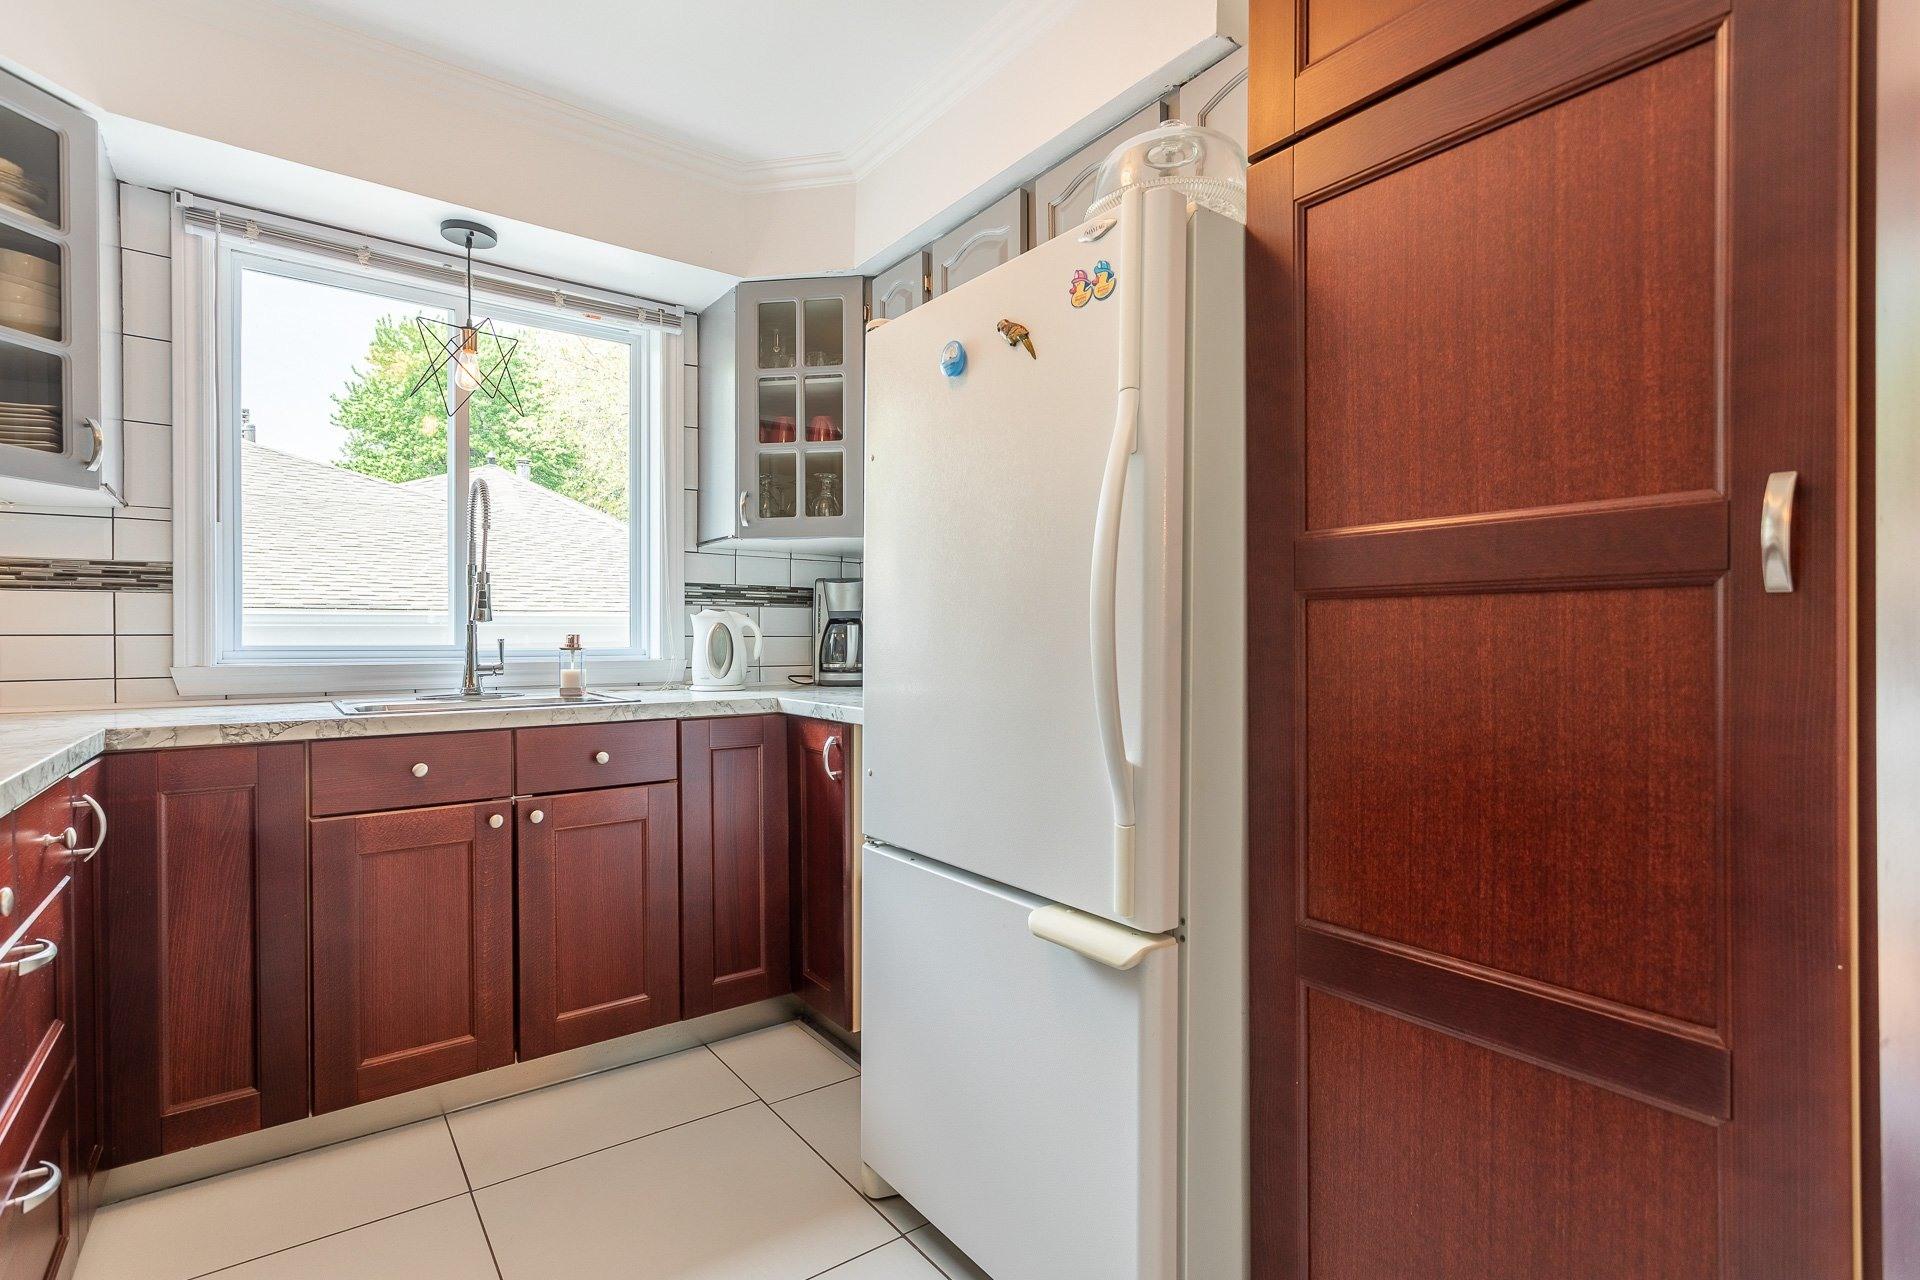 image 11 - Maison À vendre Rivière-des-Prairies/Pointe-aux-Trembles Montréal  - 12 pièces